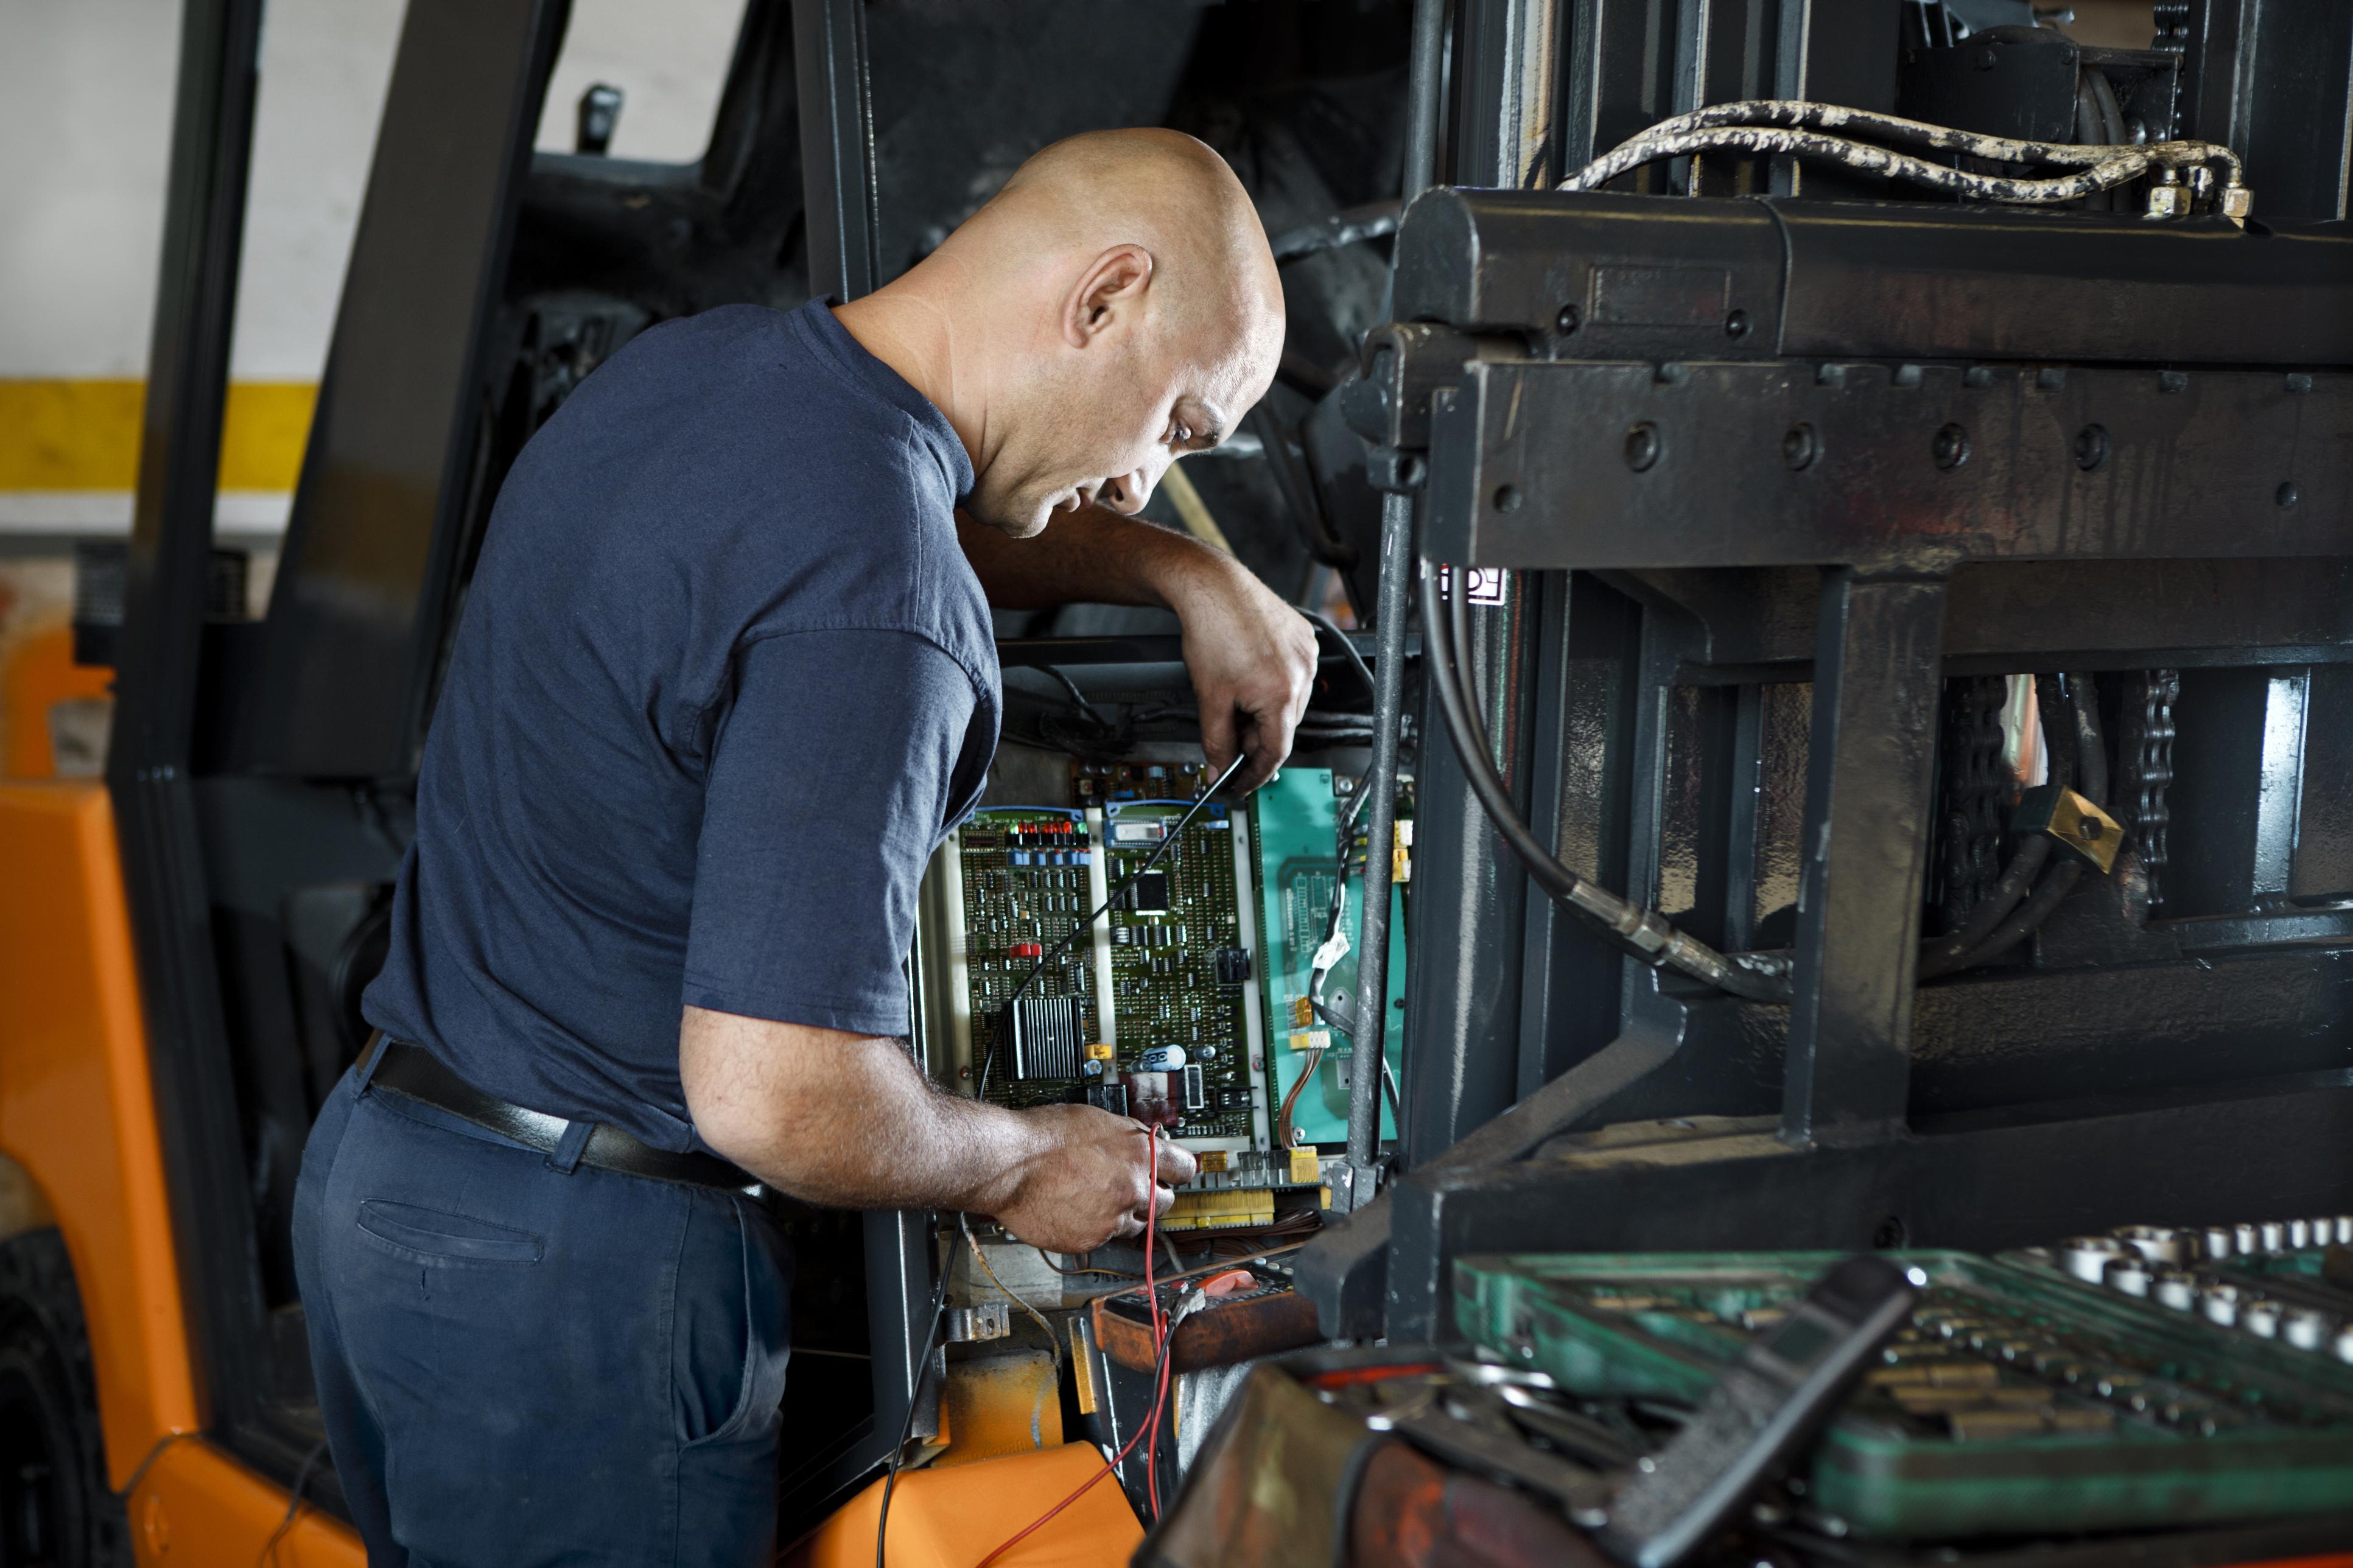 Endüstriyel Bakım Onarım Teknisyeni, Endüstriyel Elektronik Teknisyeni Maaşı Ne Kadar? 2021 Maaşları, İş İlanları